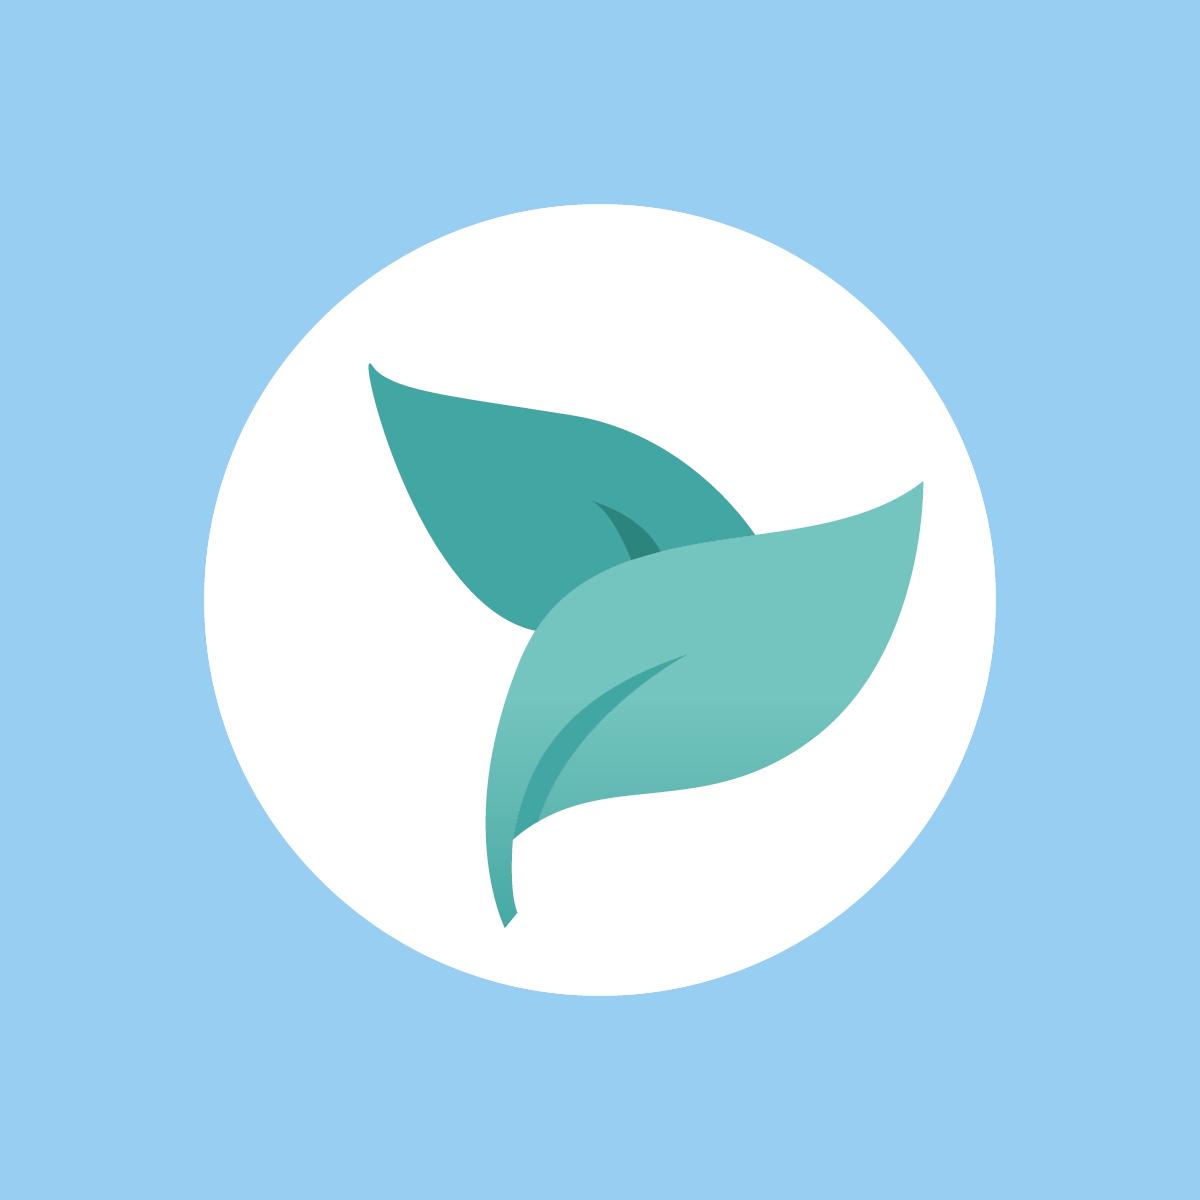 Ecoshape